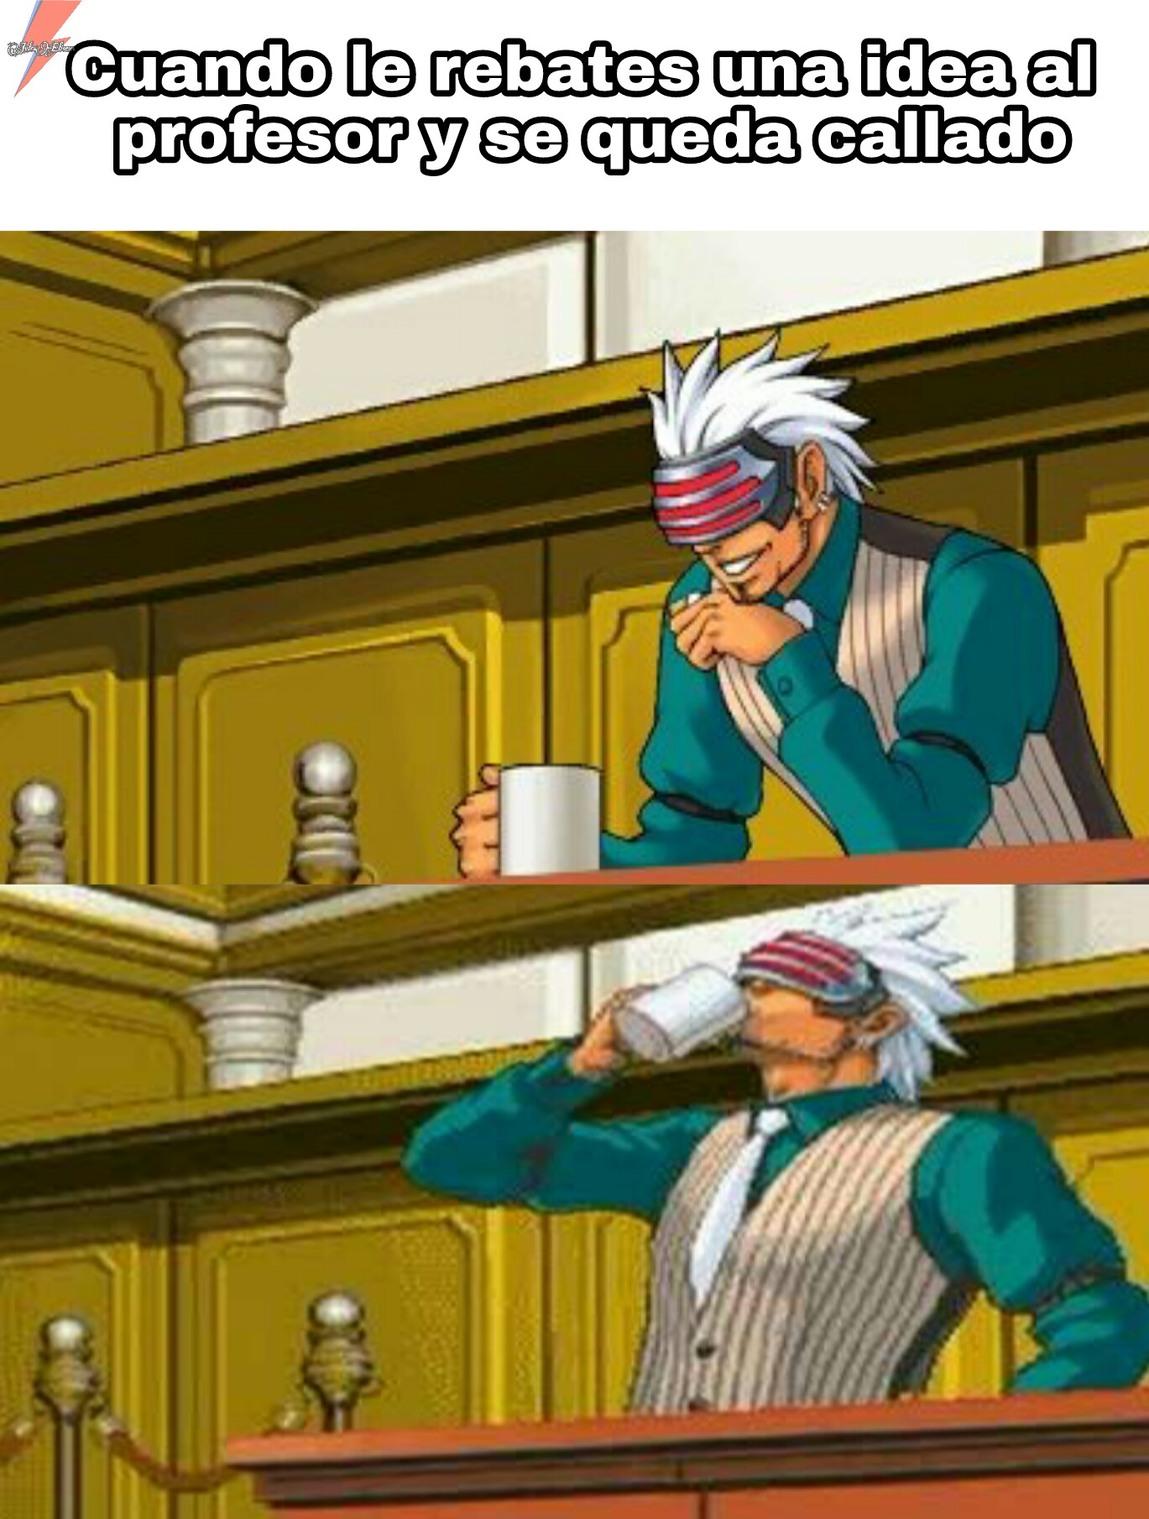 Godot y el café son como uña y carne - meme